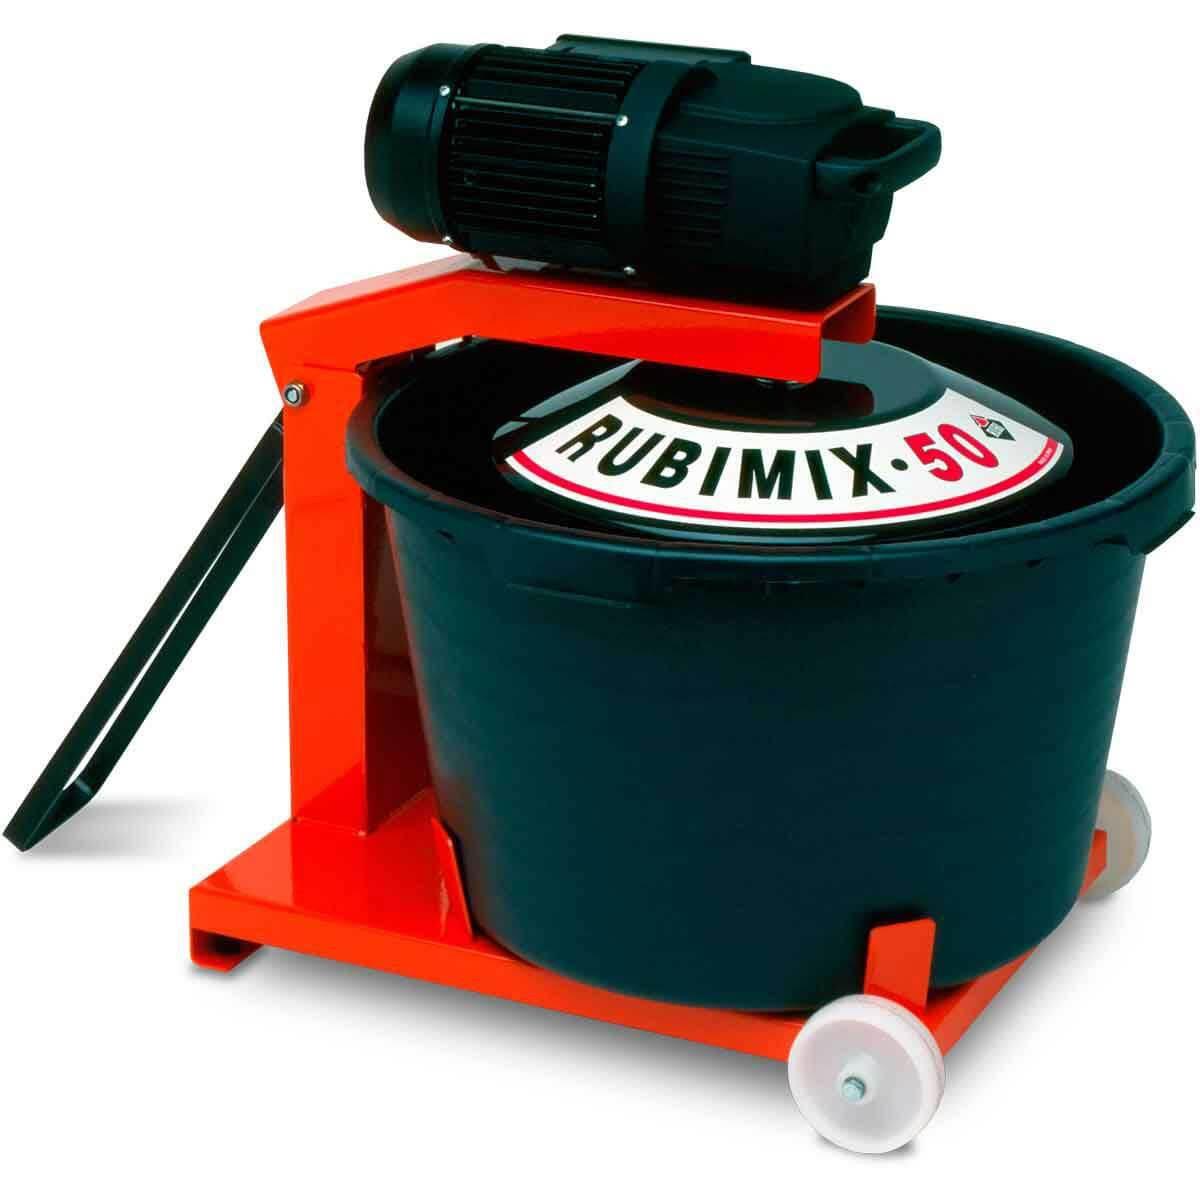 Rubimix 50 N Mortar Mixer Portable Contractors Direct